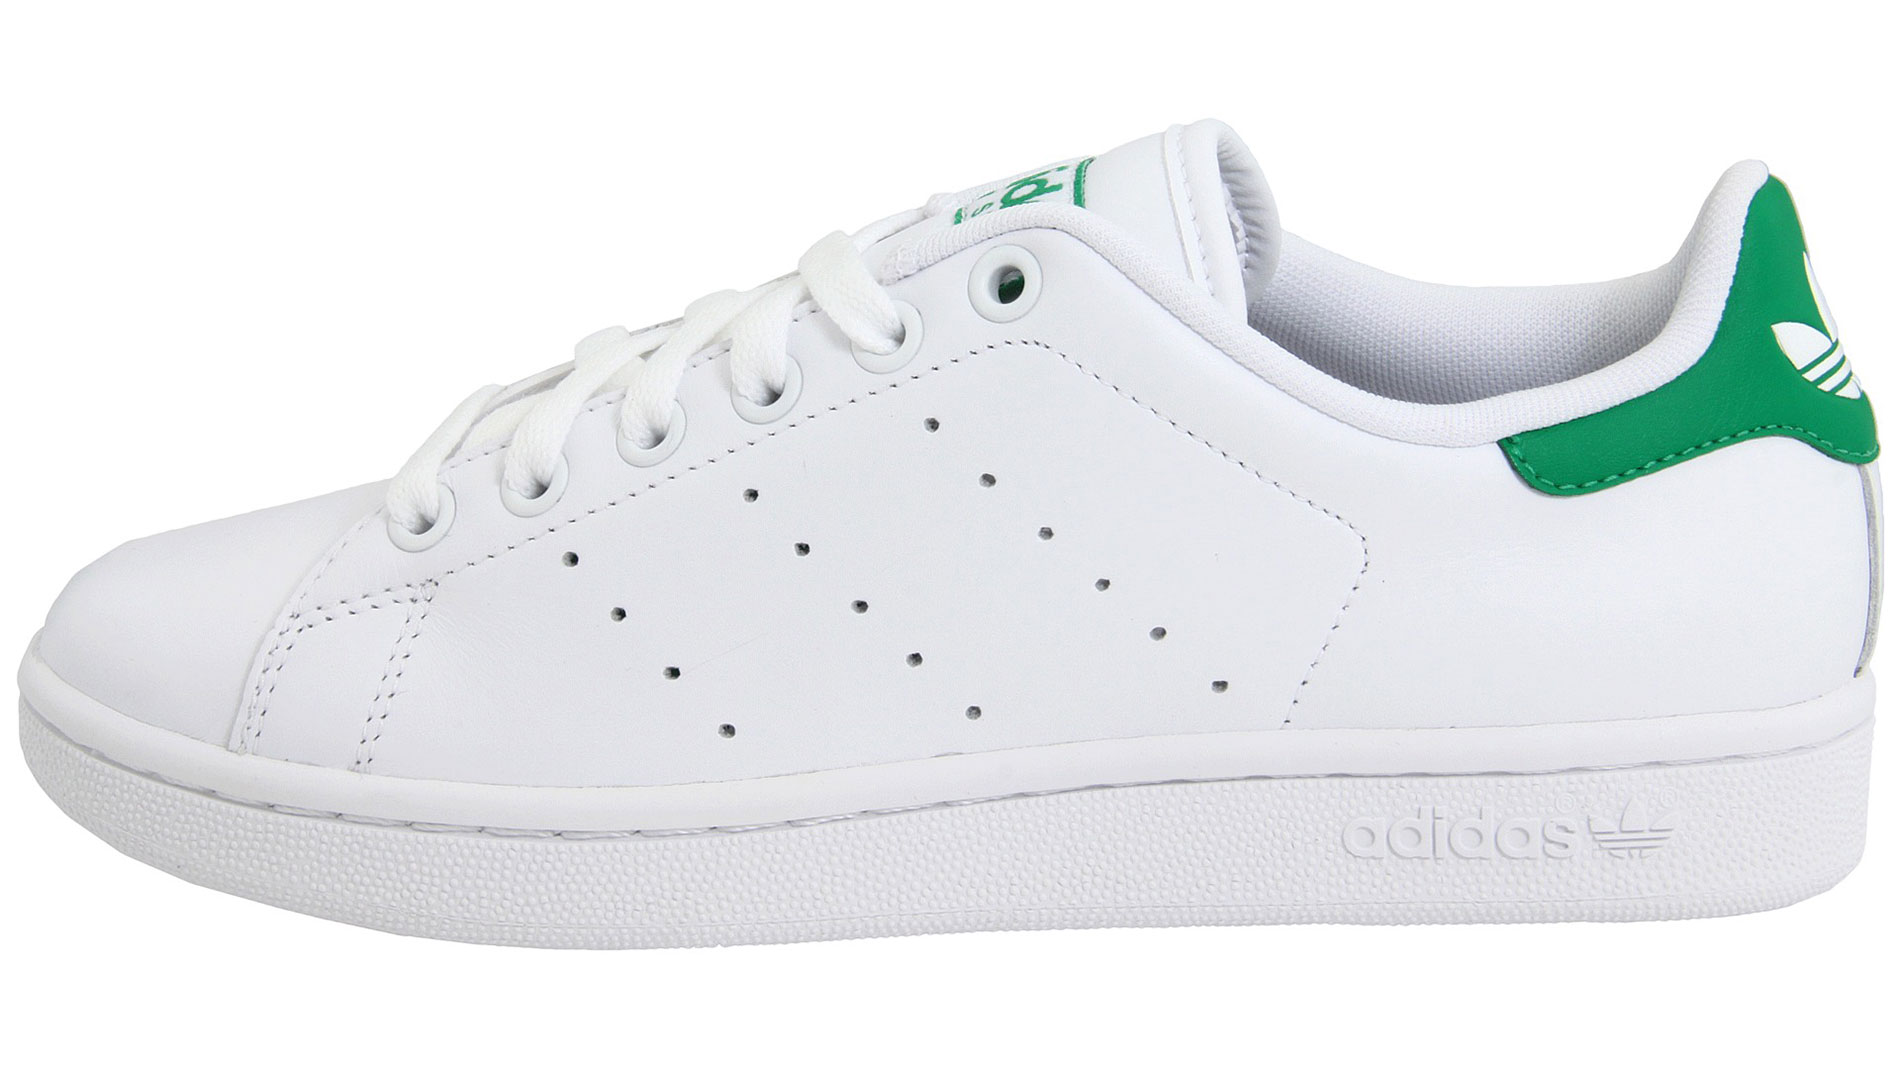 Adidas Stan Smith Precios Especial